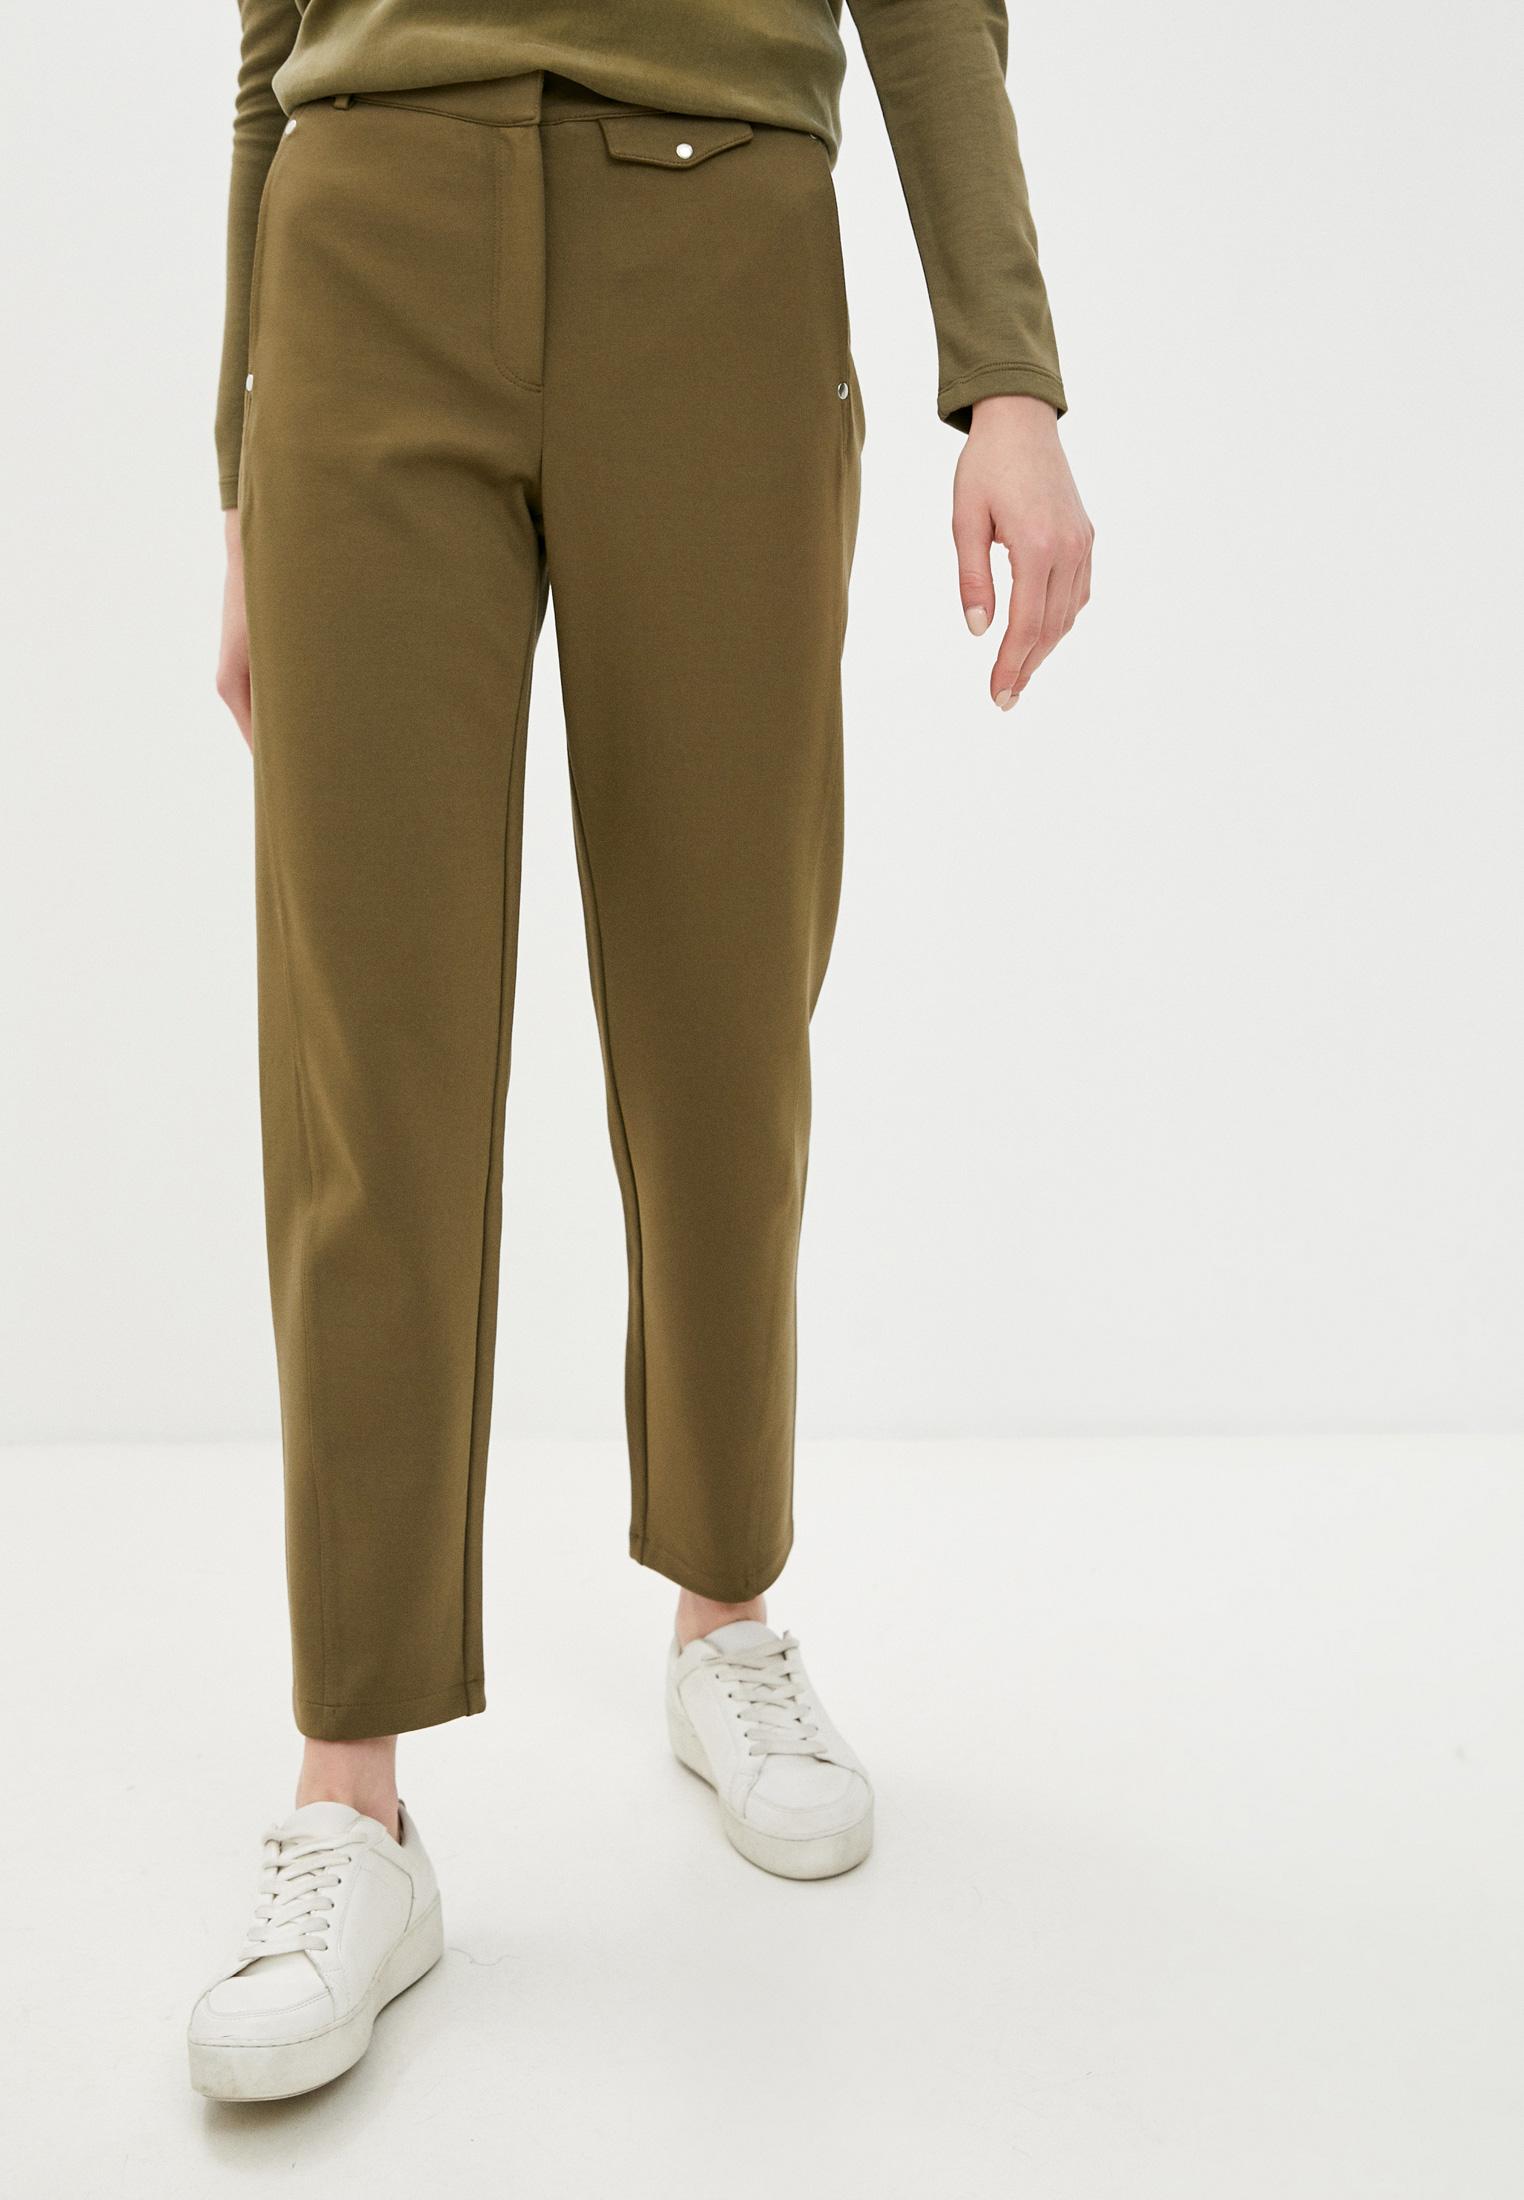 Женские прямые брюки Gerry Weber (Гарри Вебер) 422891-44000